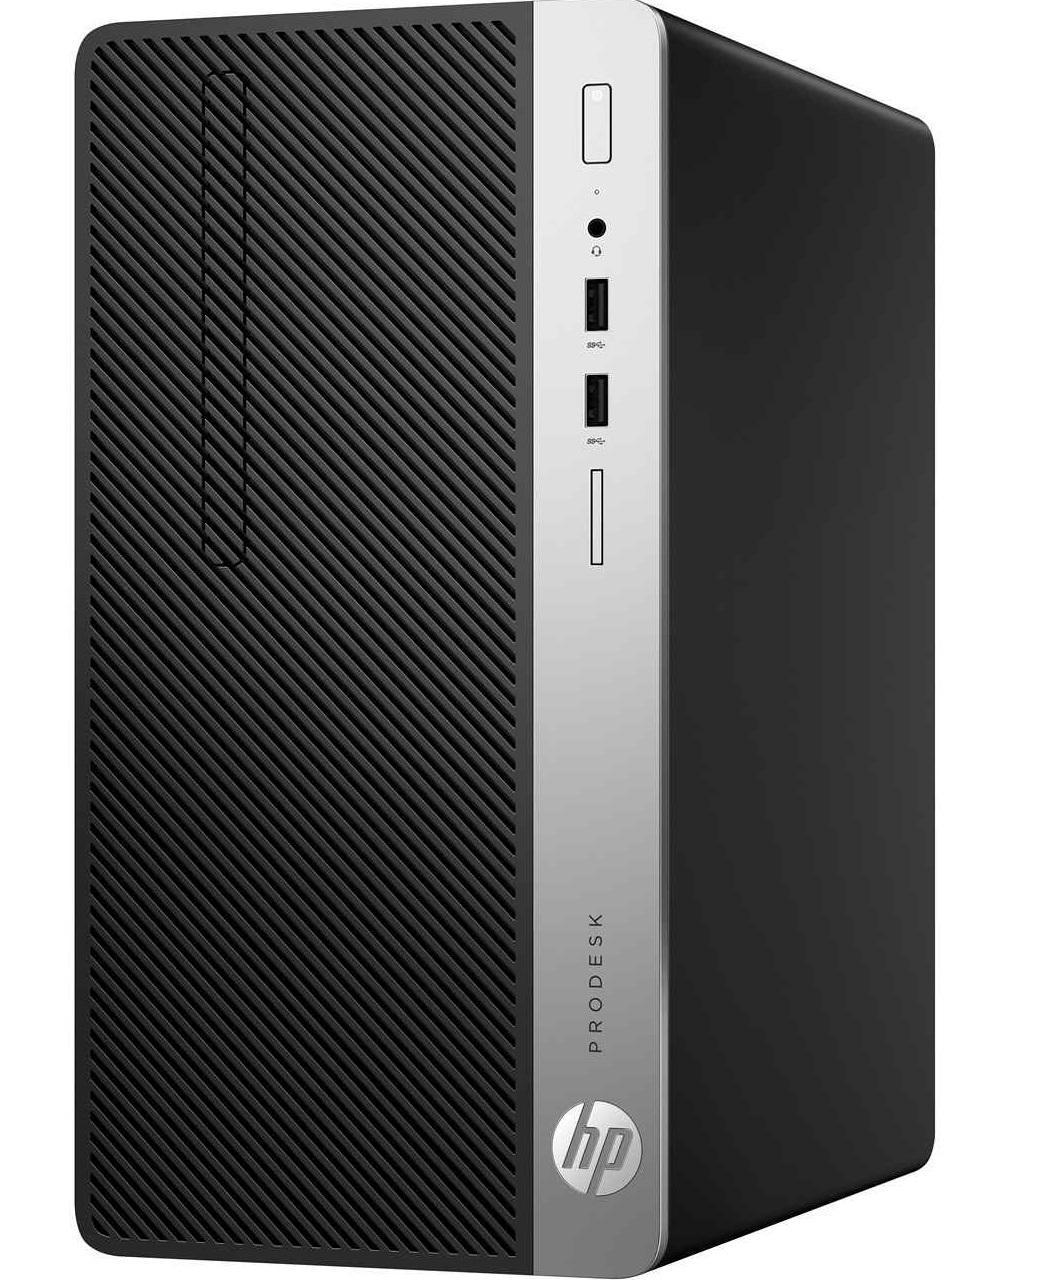 ProDesk 400 G4 MT i7-7700 256G 8.0G DVDRW Win10 Pro